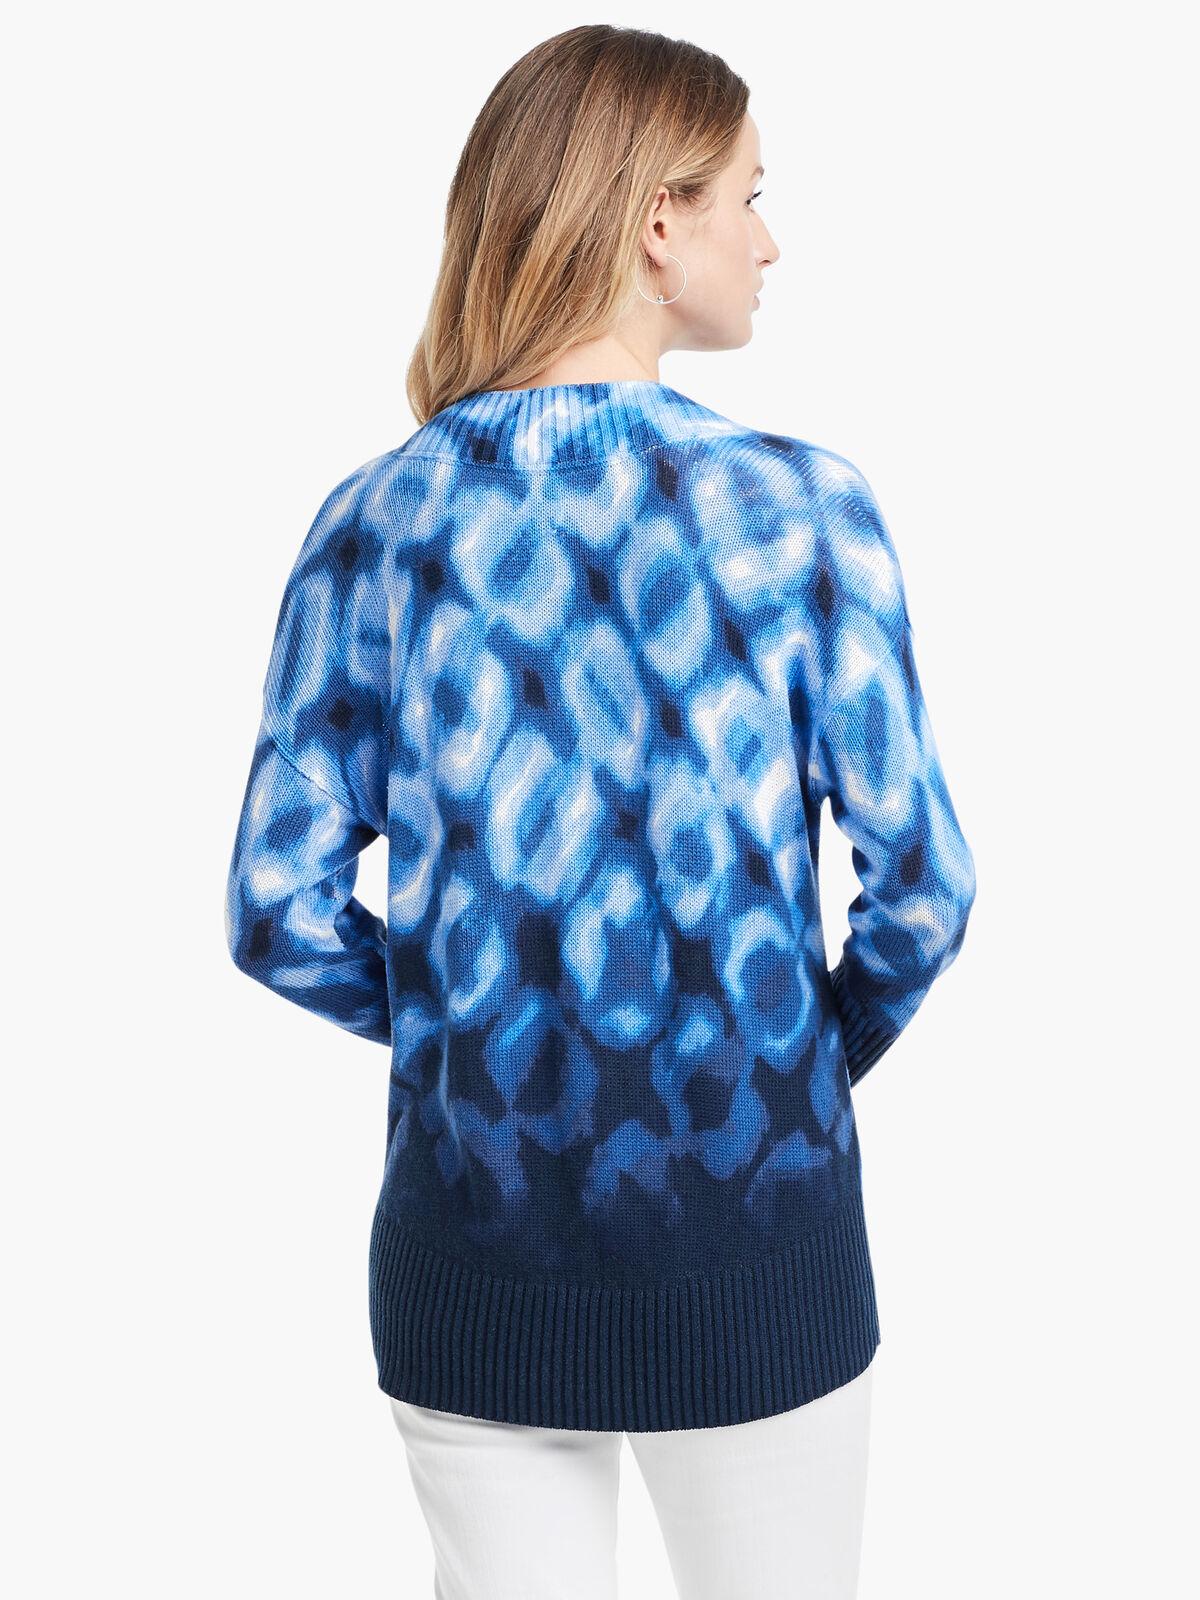 Shibori Sweater